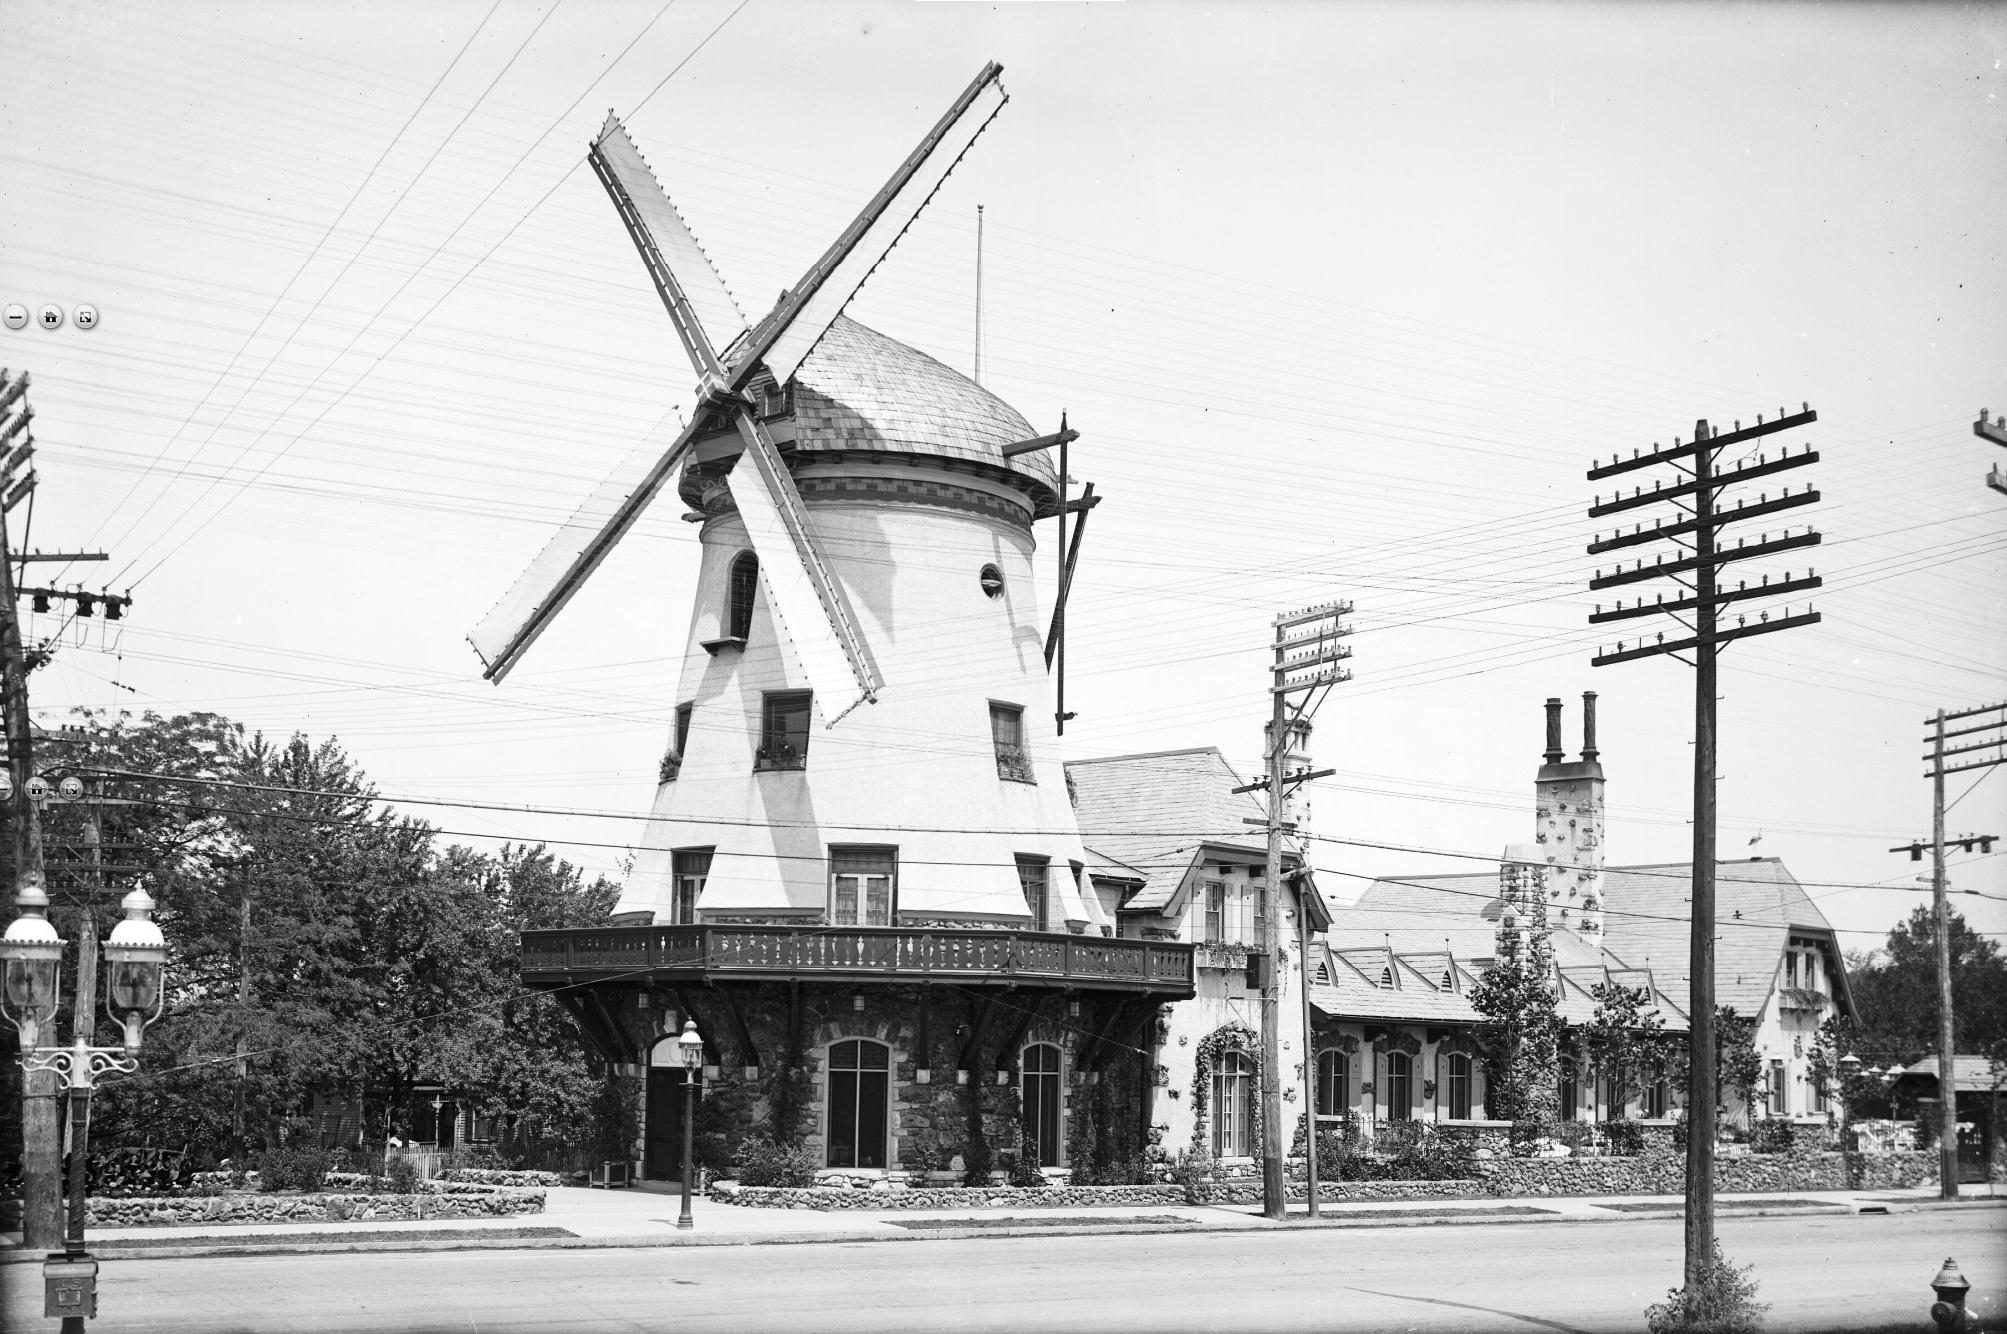 Bevo Mill Restaurant St Louis Missouri